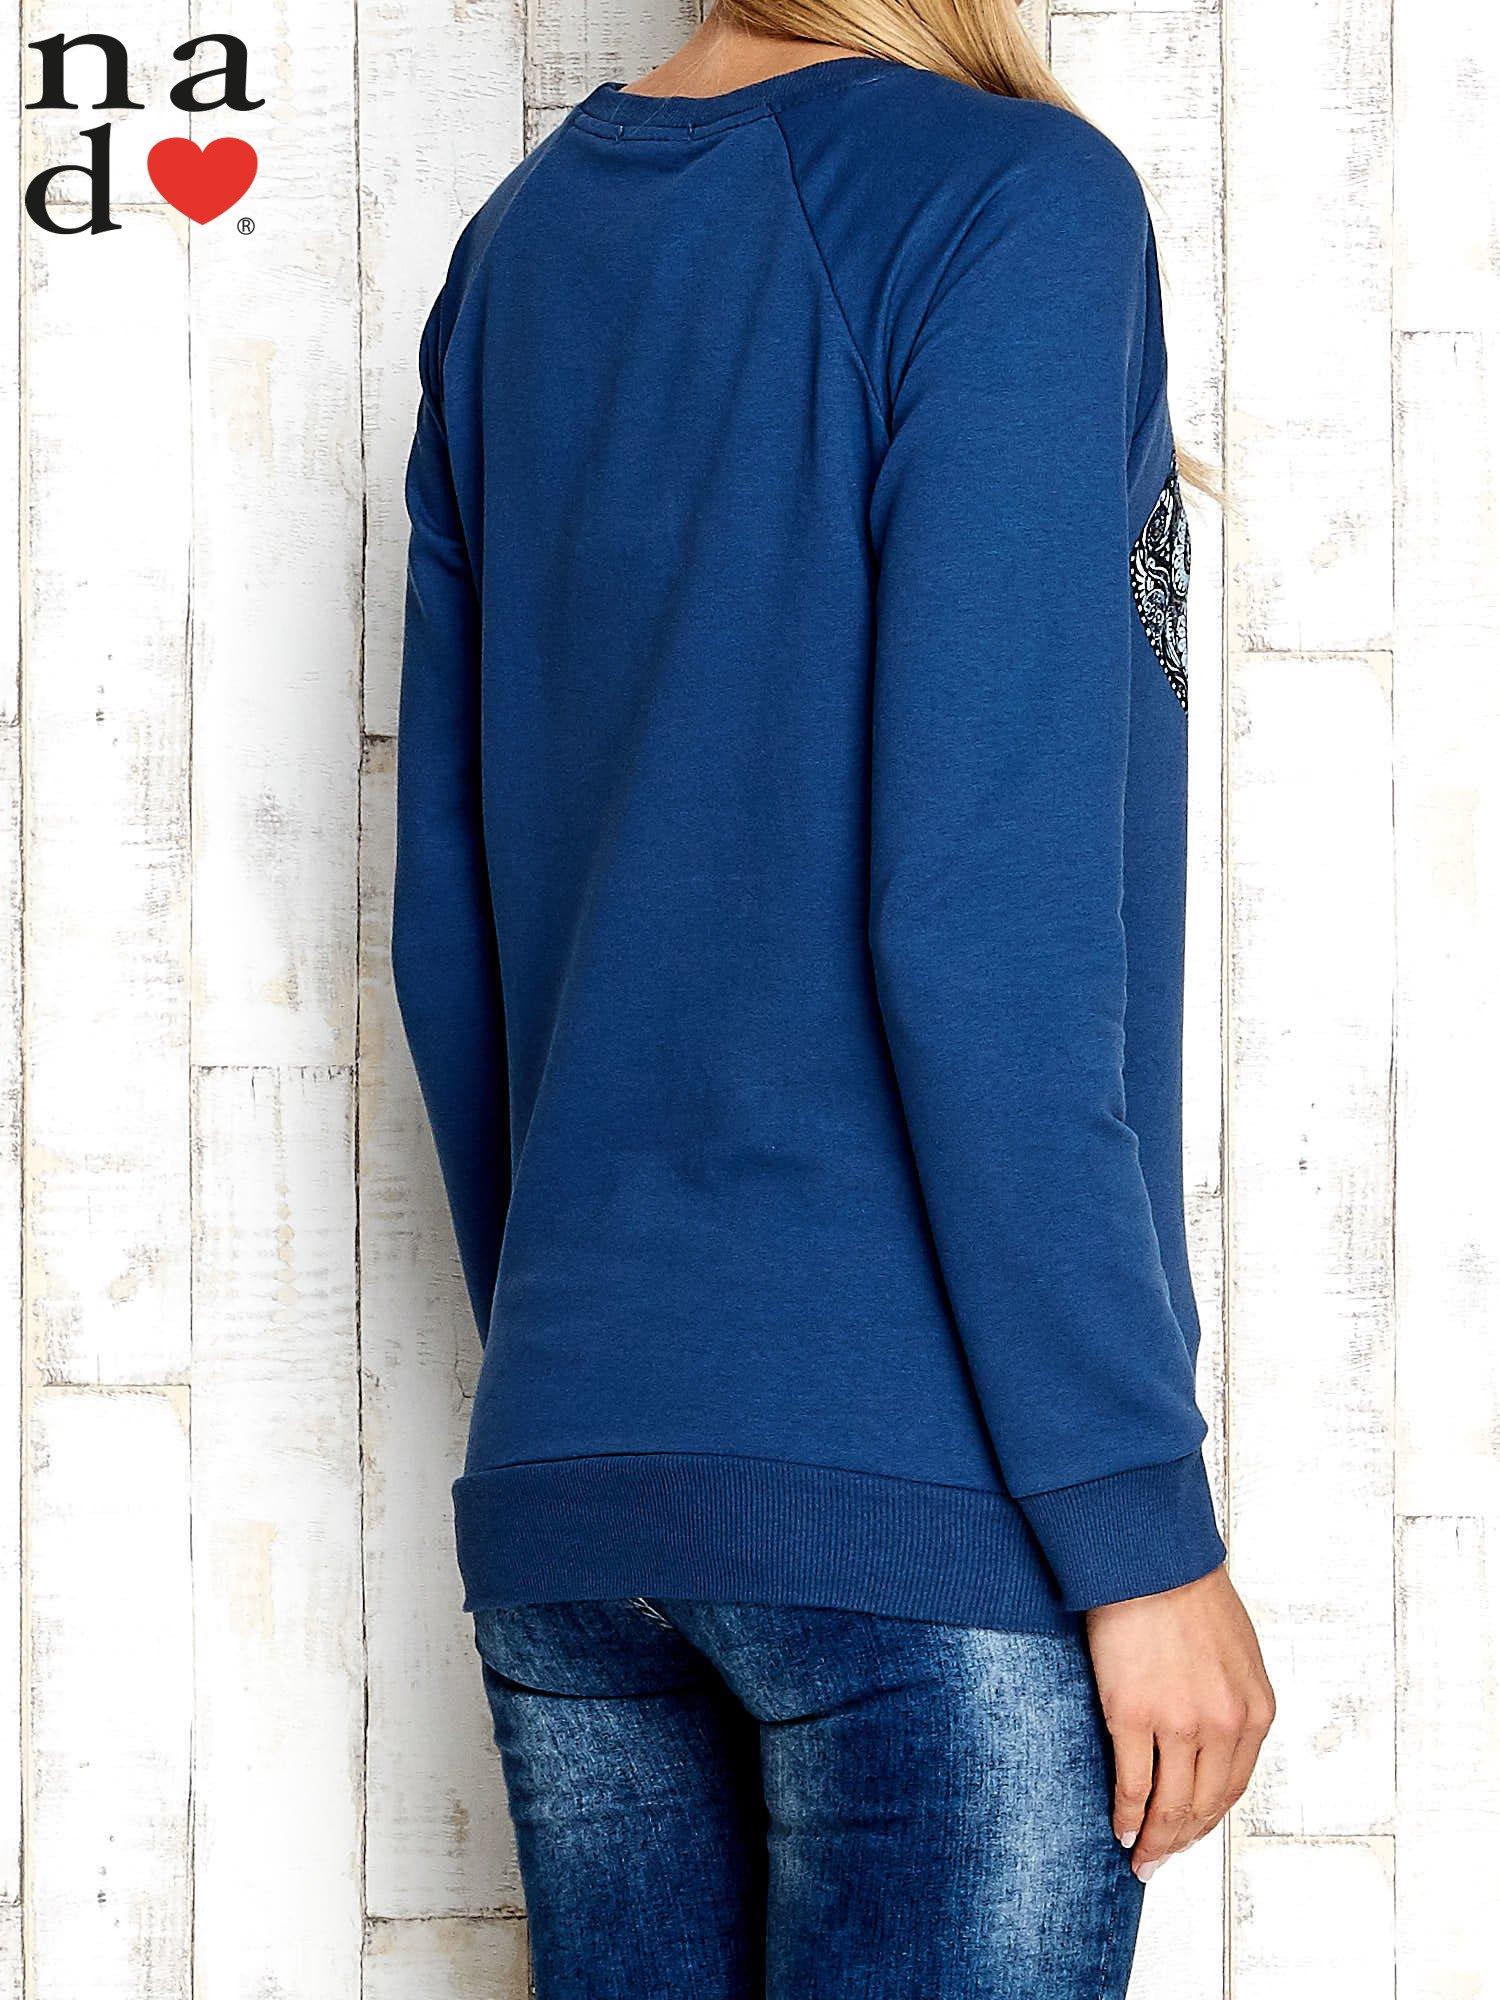 Ciemnoniebieska bluza z nadrukiem słonia                                  zdj.                                  2